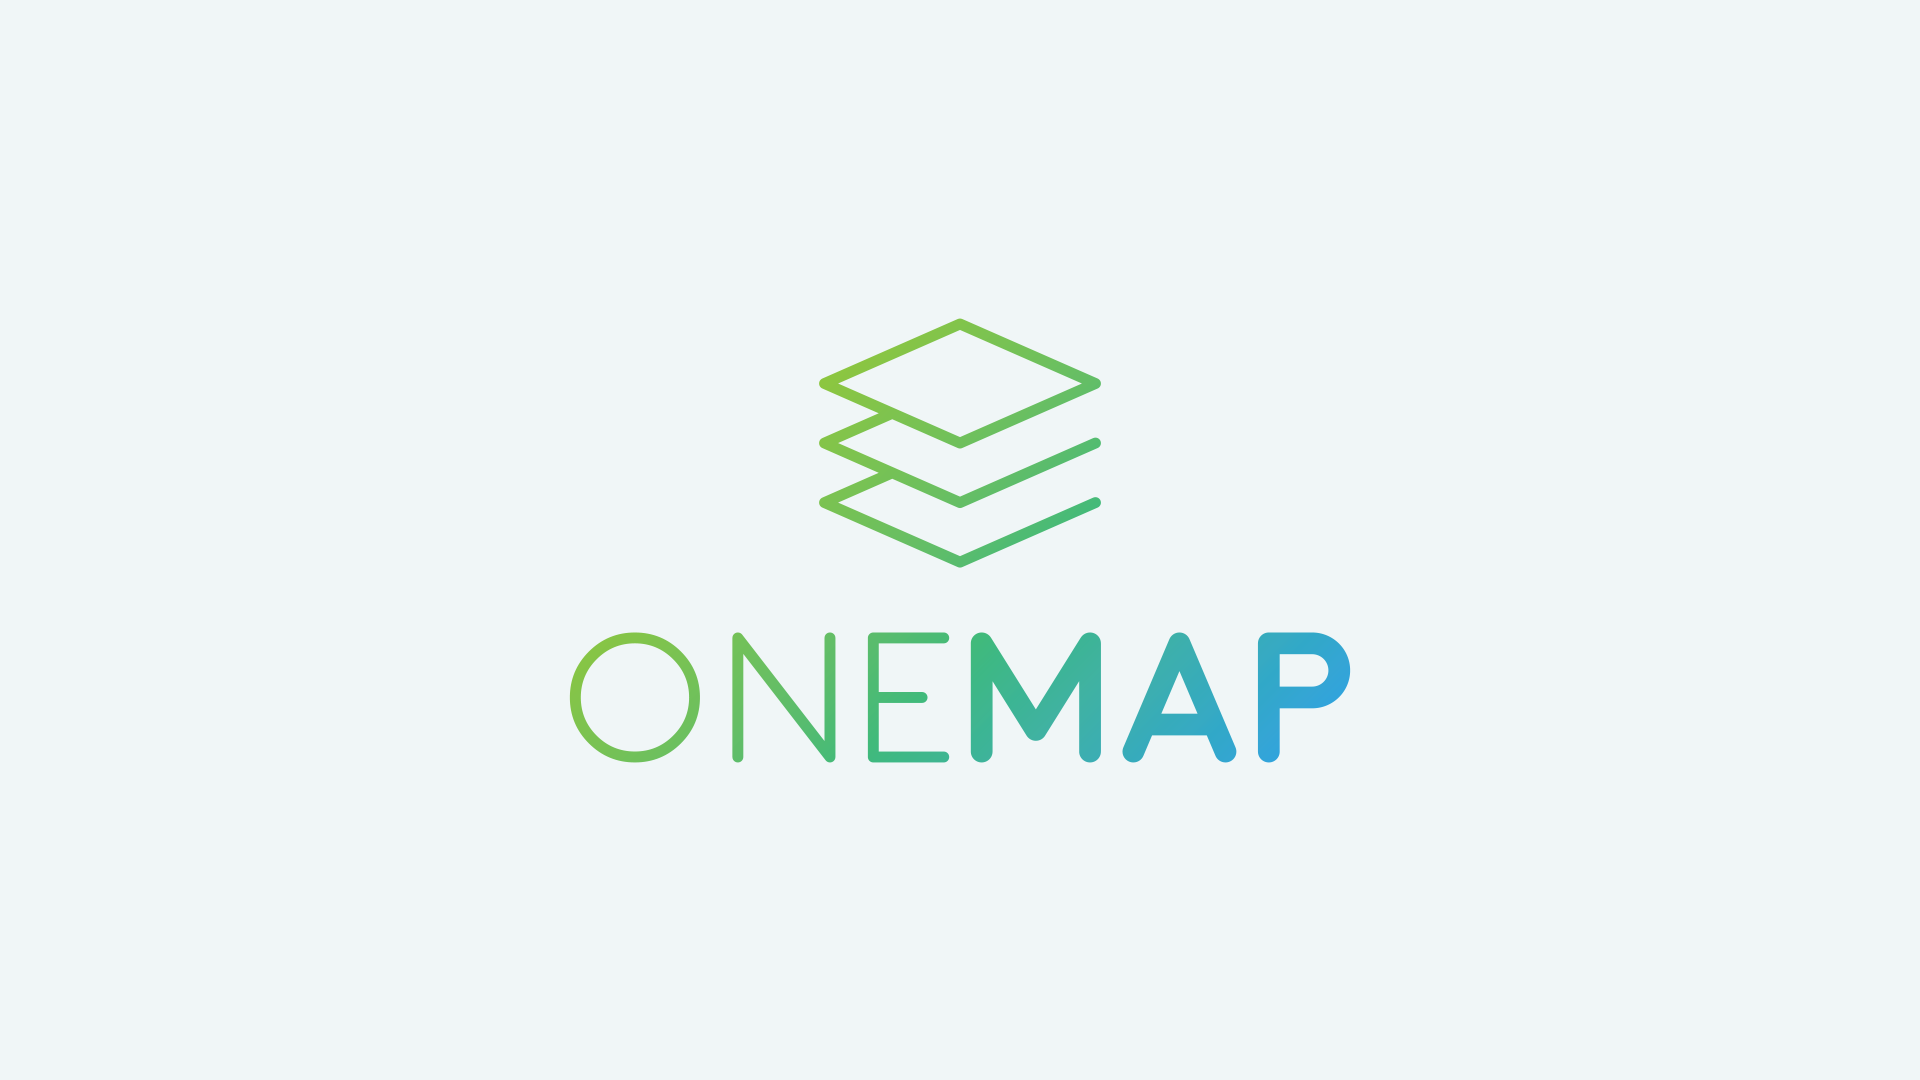 OneMap - Video Logo Thumbnail